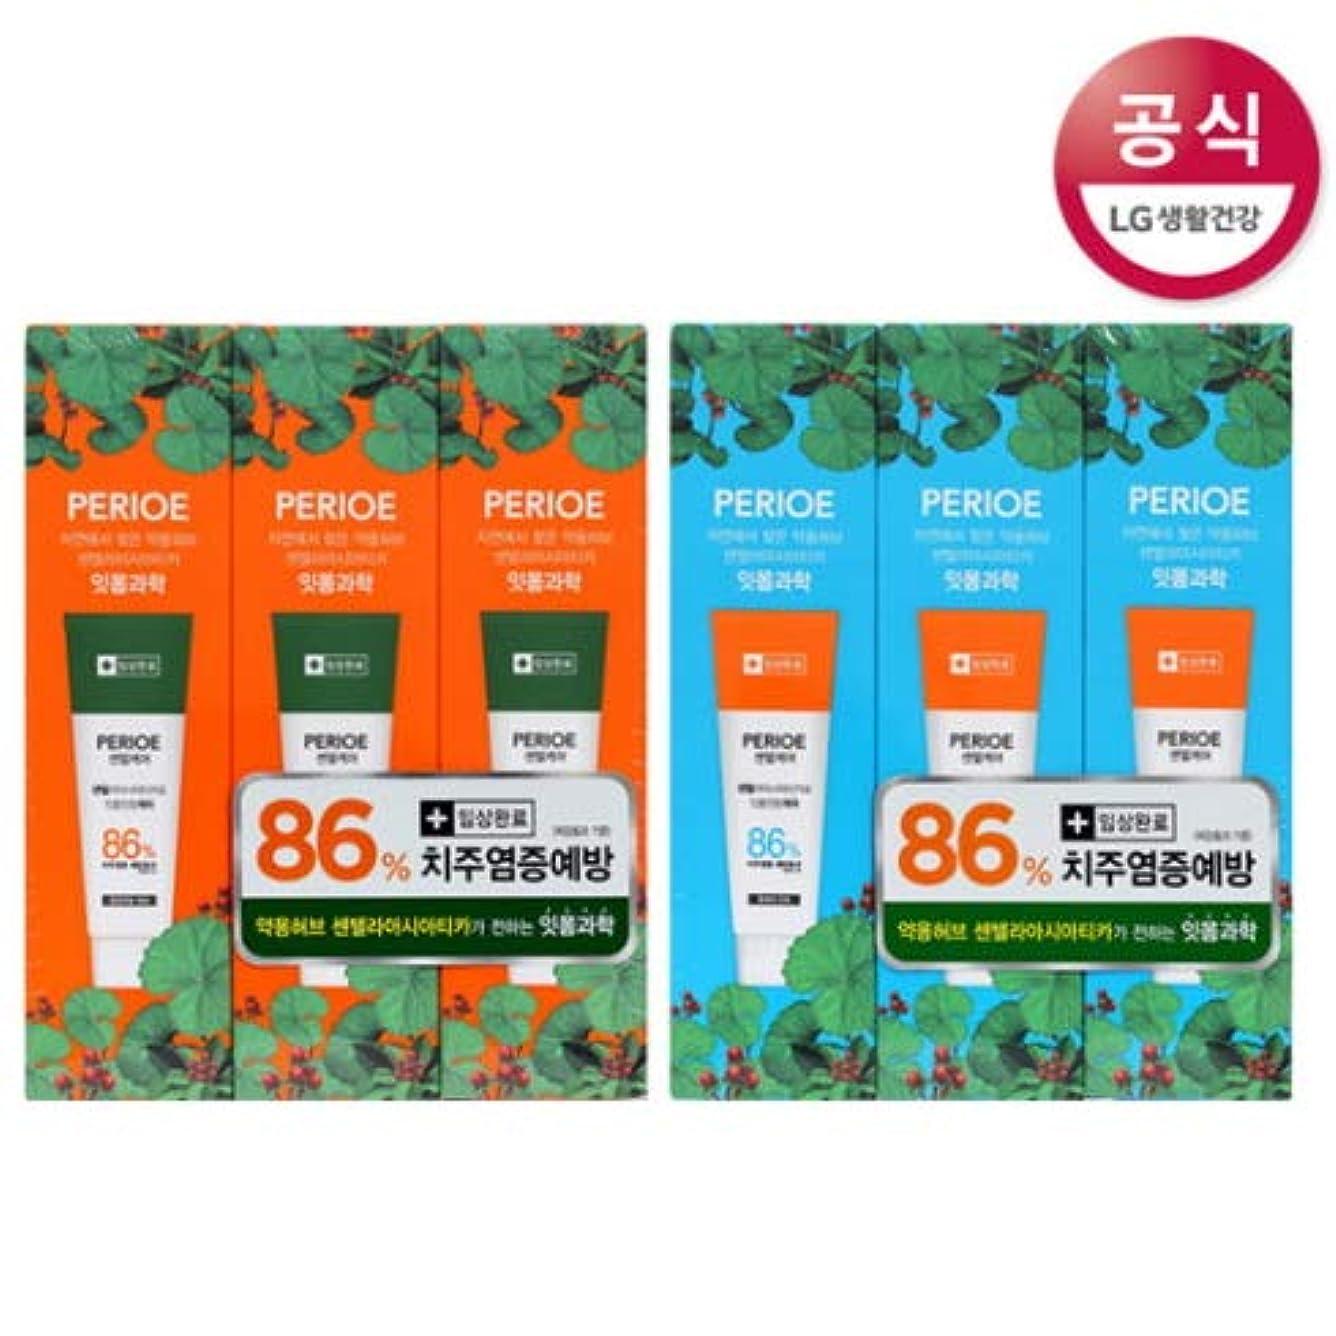 状の量生じる[LG HnB] Perio centel care toothpaste/ペリオセンテルケア歯磨き粉 100gx6個(海外直送品)